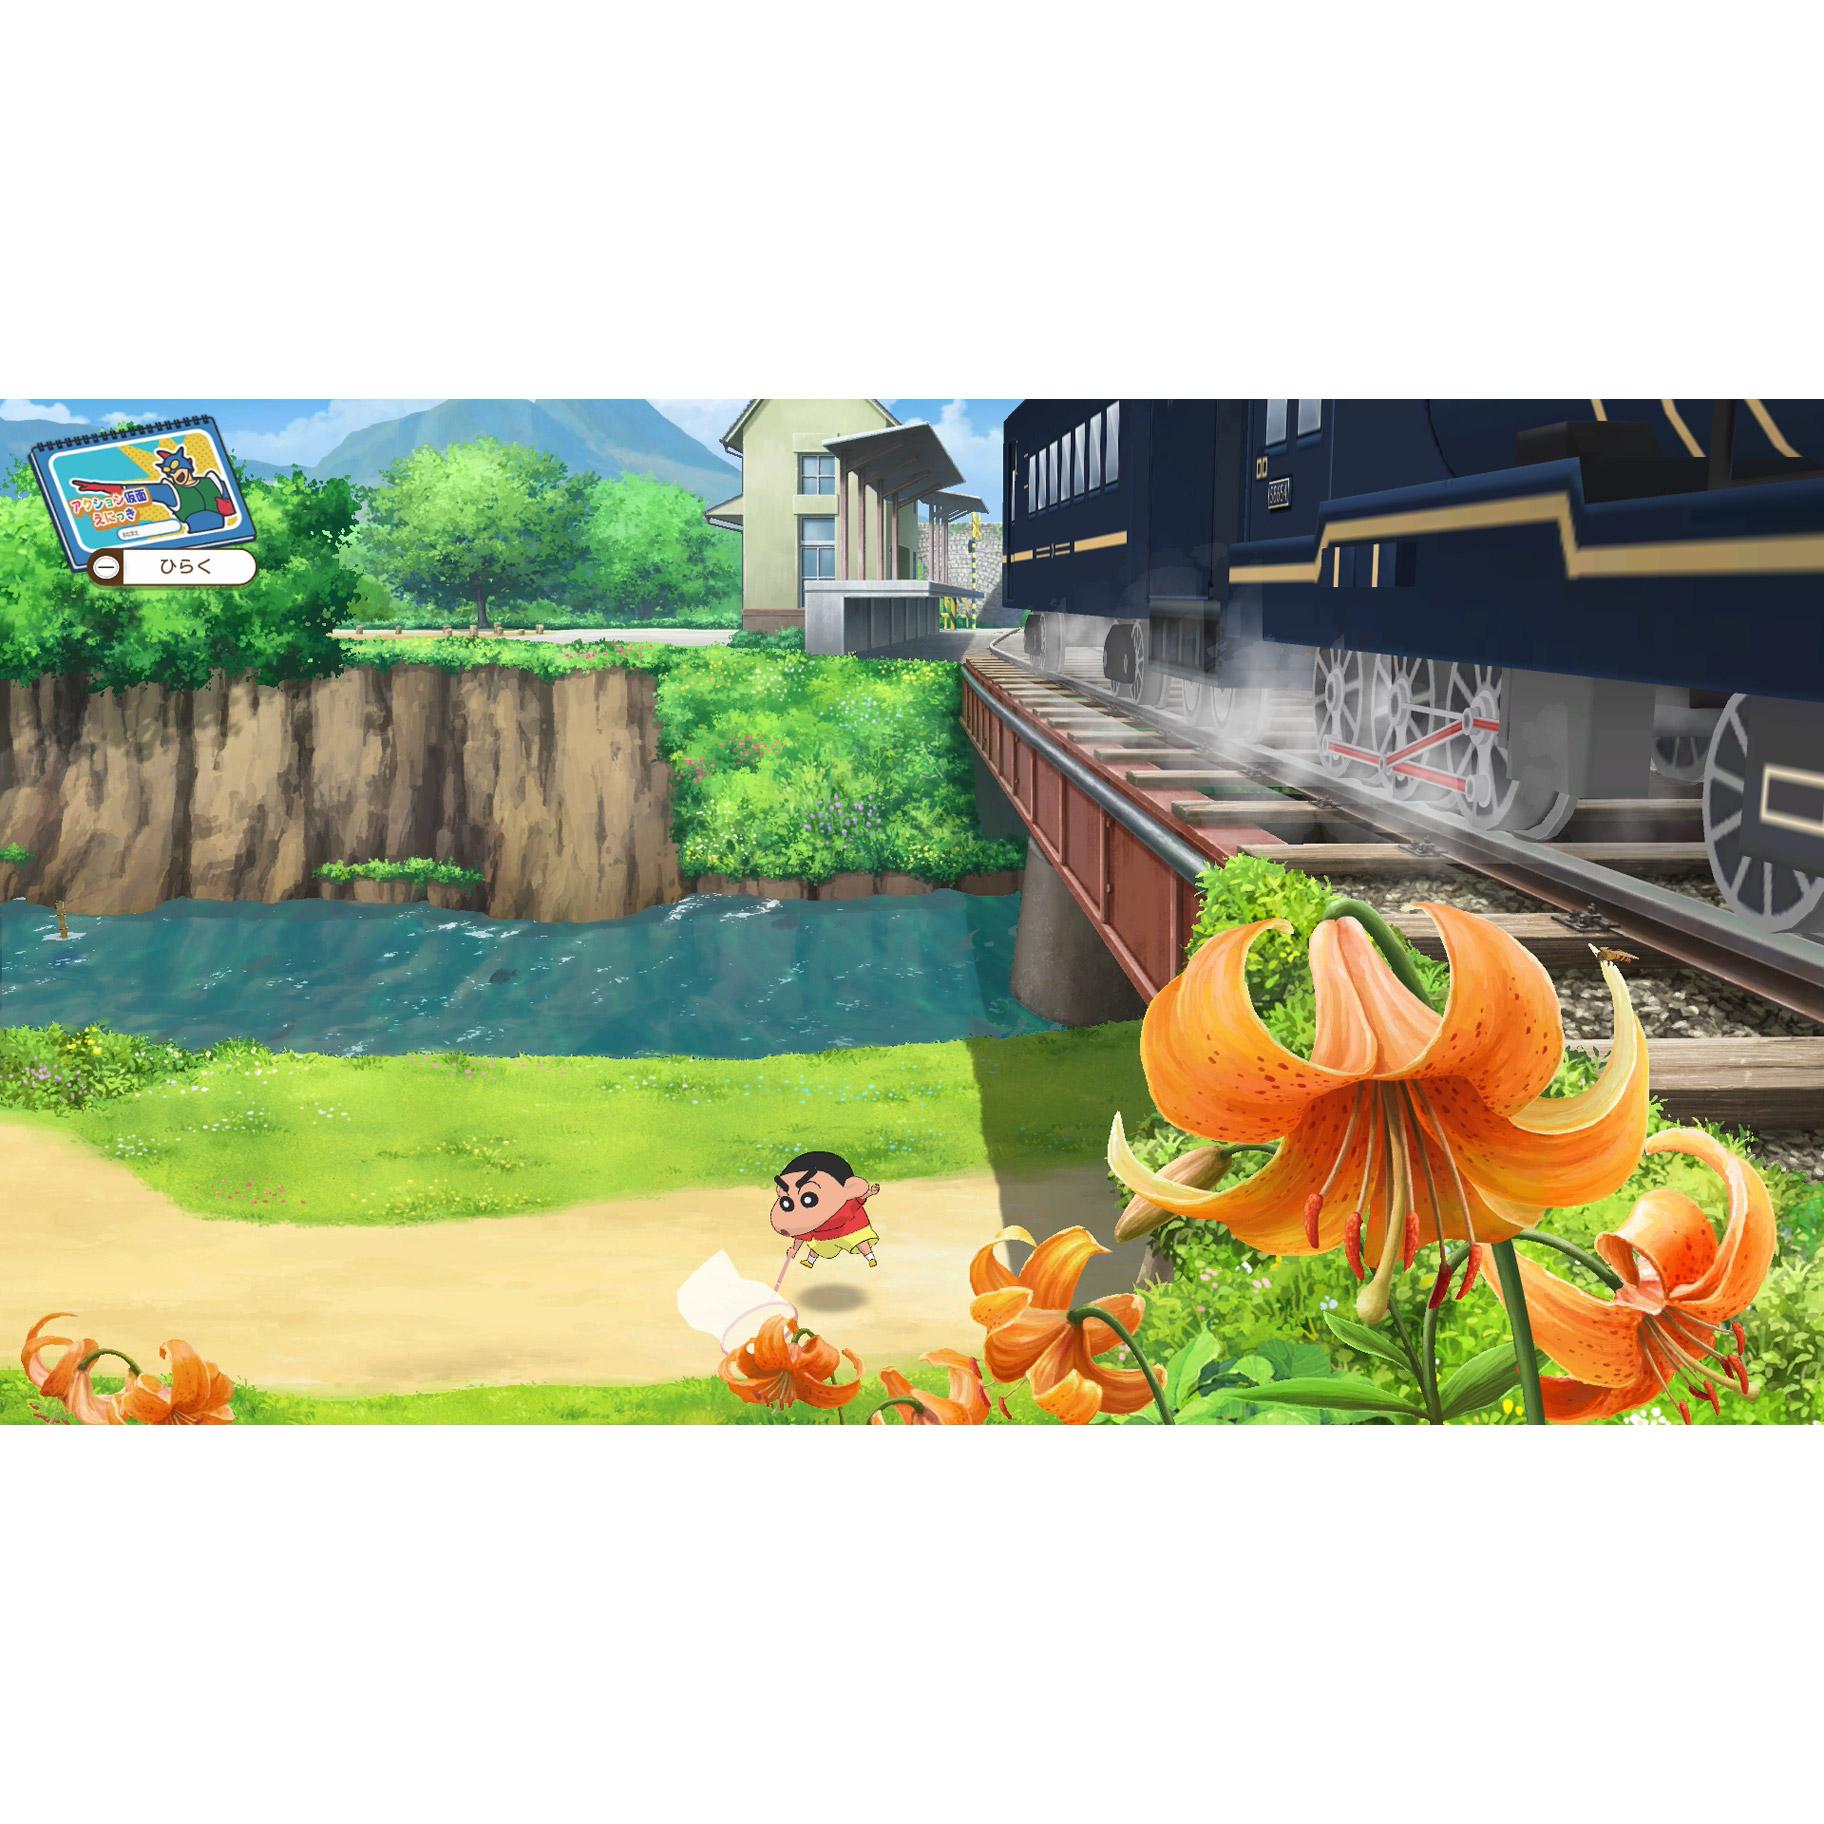 クレヨンしんちゃん『オラと博士の夏休み』〜おわらない七日間の旅〜 通常版 【Switchゲームソフト】_3